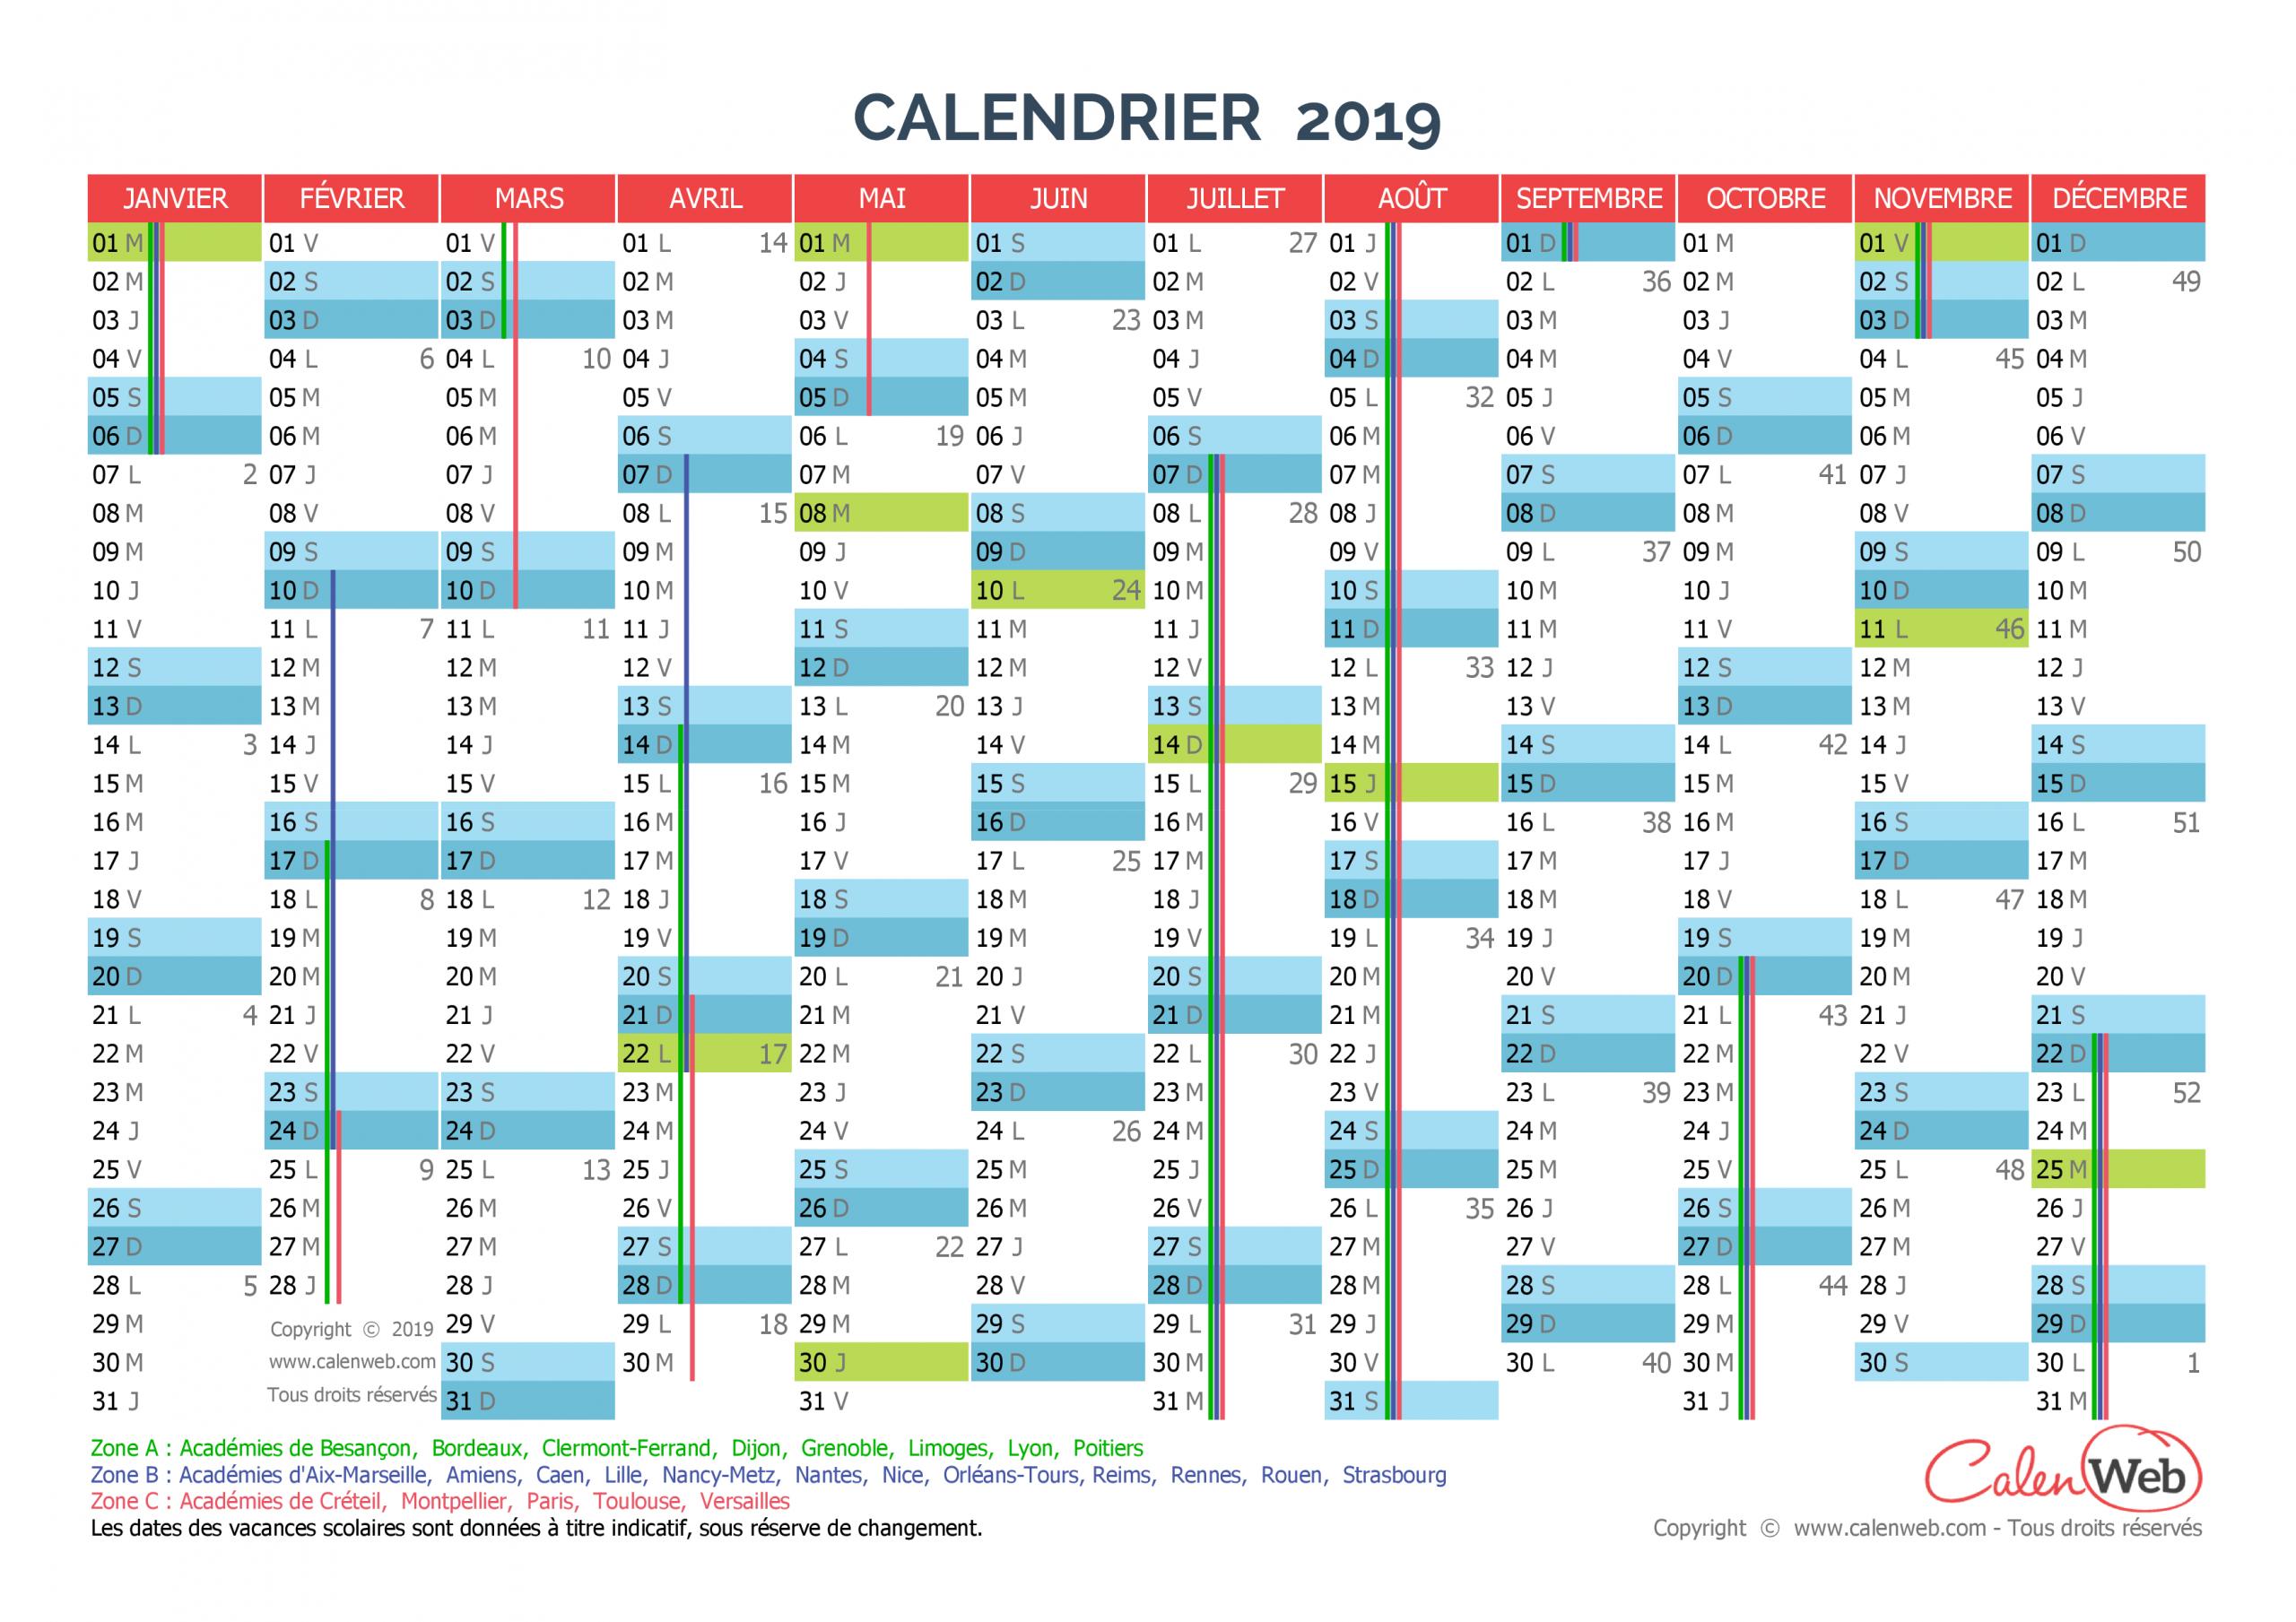 Calendrier Annuel - Année 2019 Avec Jours Fériés Et Vacances intérieur Calendrier Annuel 2019 À Imprimer Gratuit